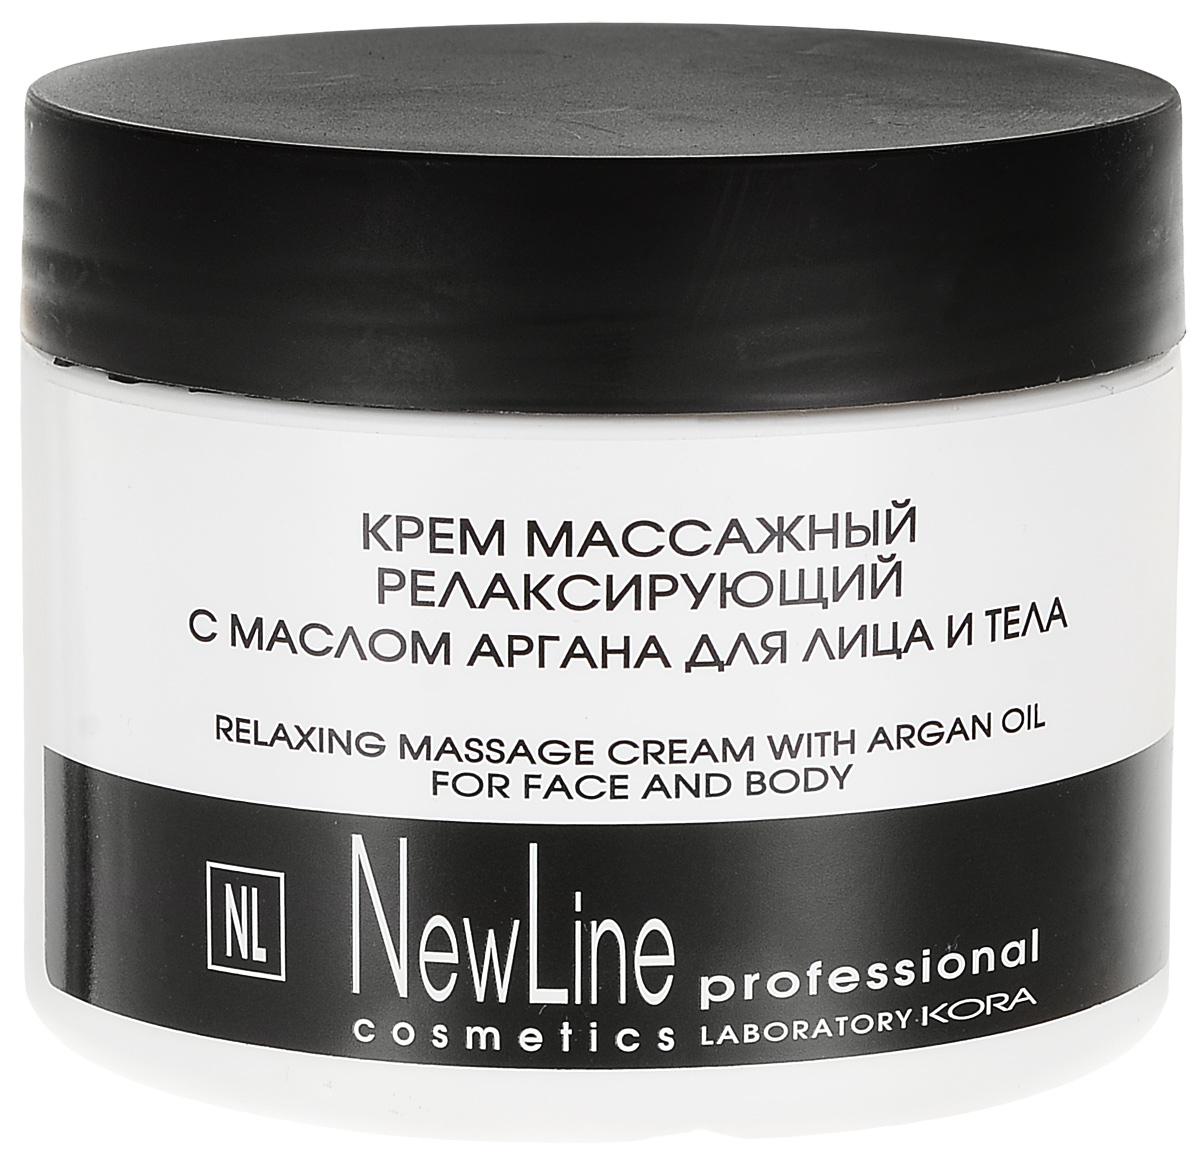 New Line Крем массажный релаксирующий с маслом аргана (с дозатором), 300 мл40317Предназначен для профессионального массажа лица и тела. Оказывает успокаивающее, увлажняющее действие, питает и смягчает кожу, делает ее более эластичной, не закупоривает поры. Оптимальная формула для чувствительной кожи.Обладает выраженными скользящими свойства-ми, что позволяет провести полноценный и комфортный массаж.